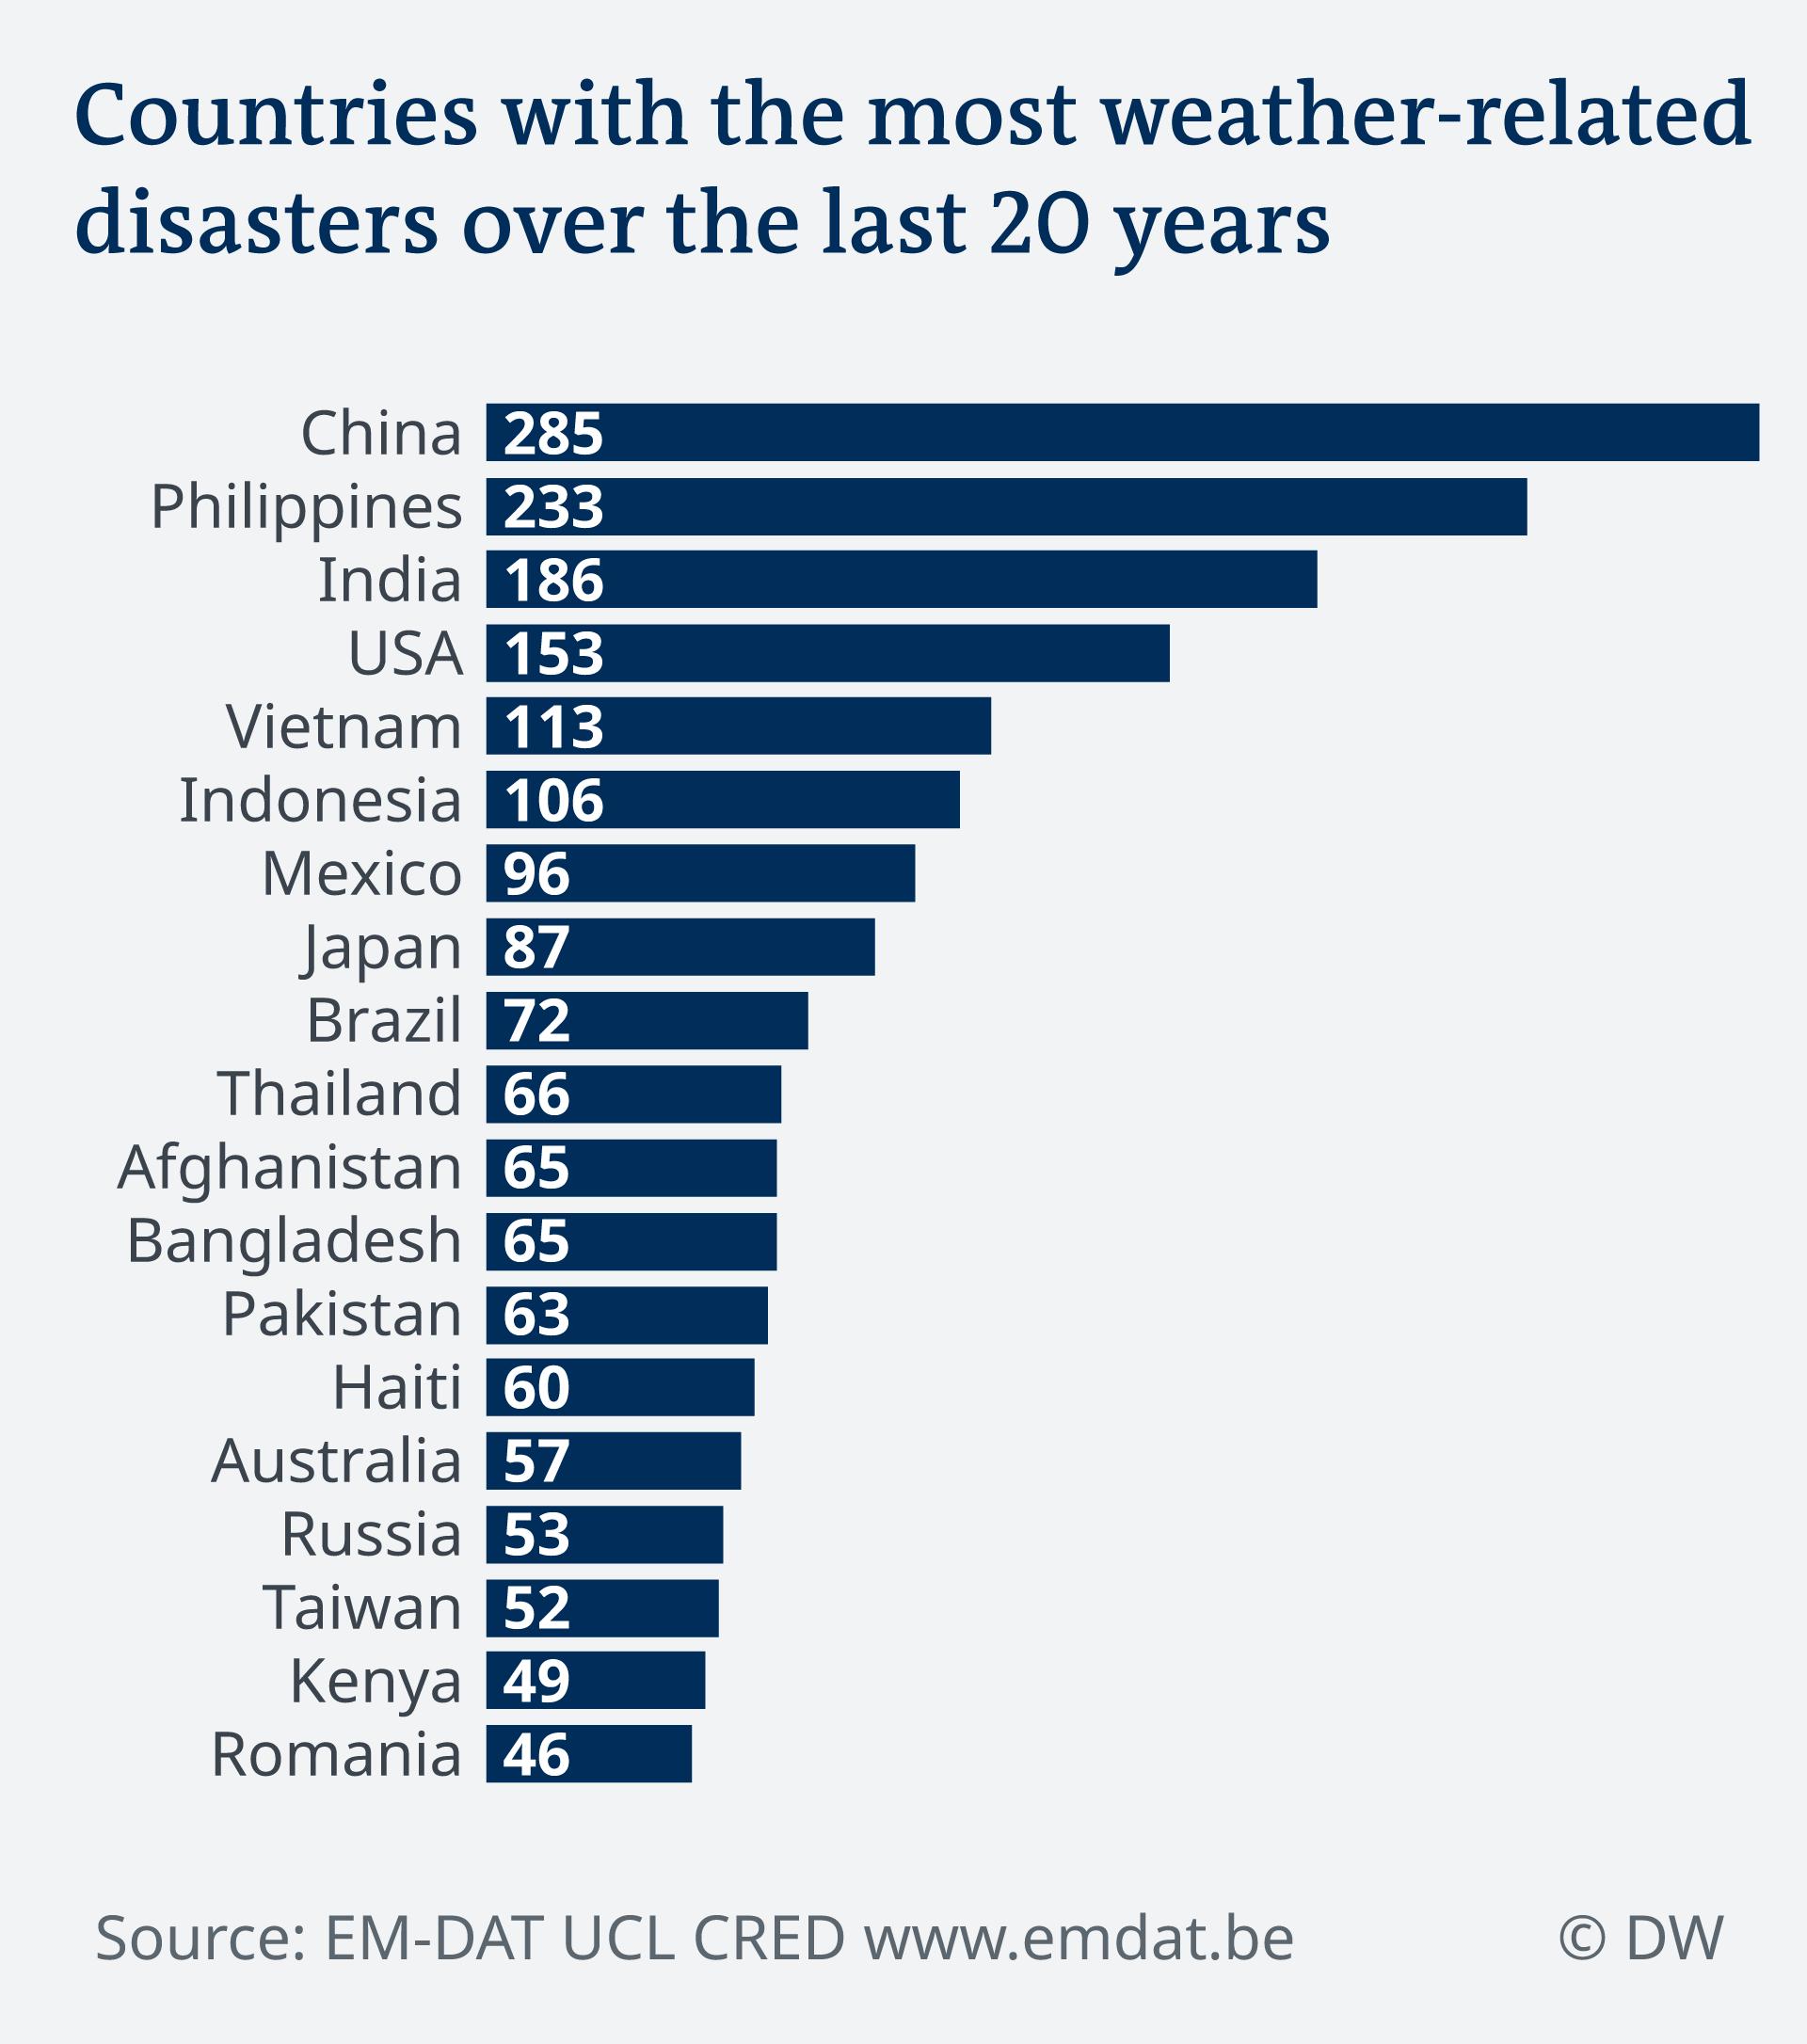 Daftar negara dengan angka bencana terkait cuaca ekstrem selama dua dekade terakhir